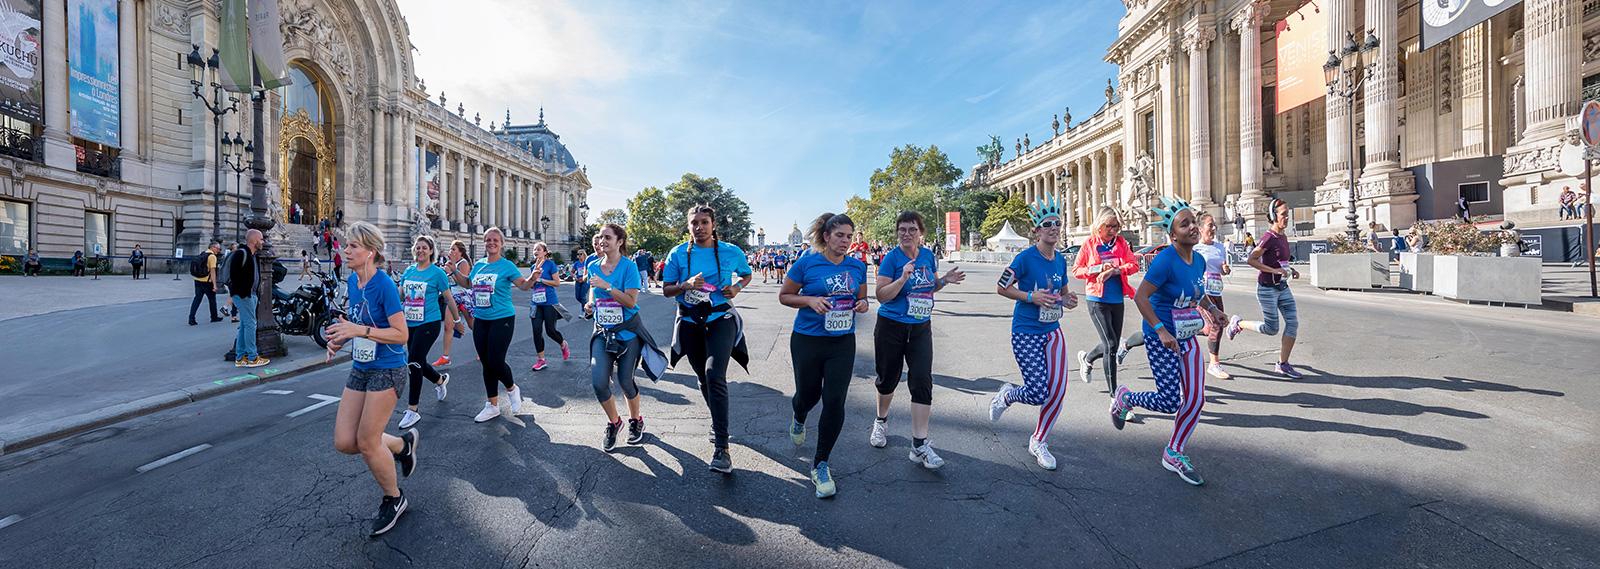 La Parisienne 2018